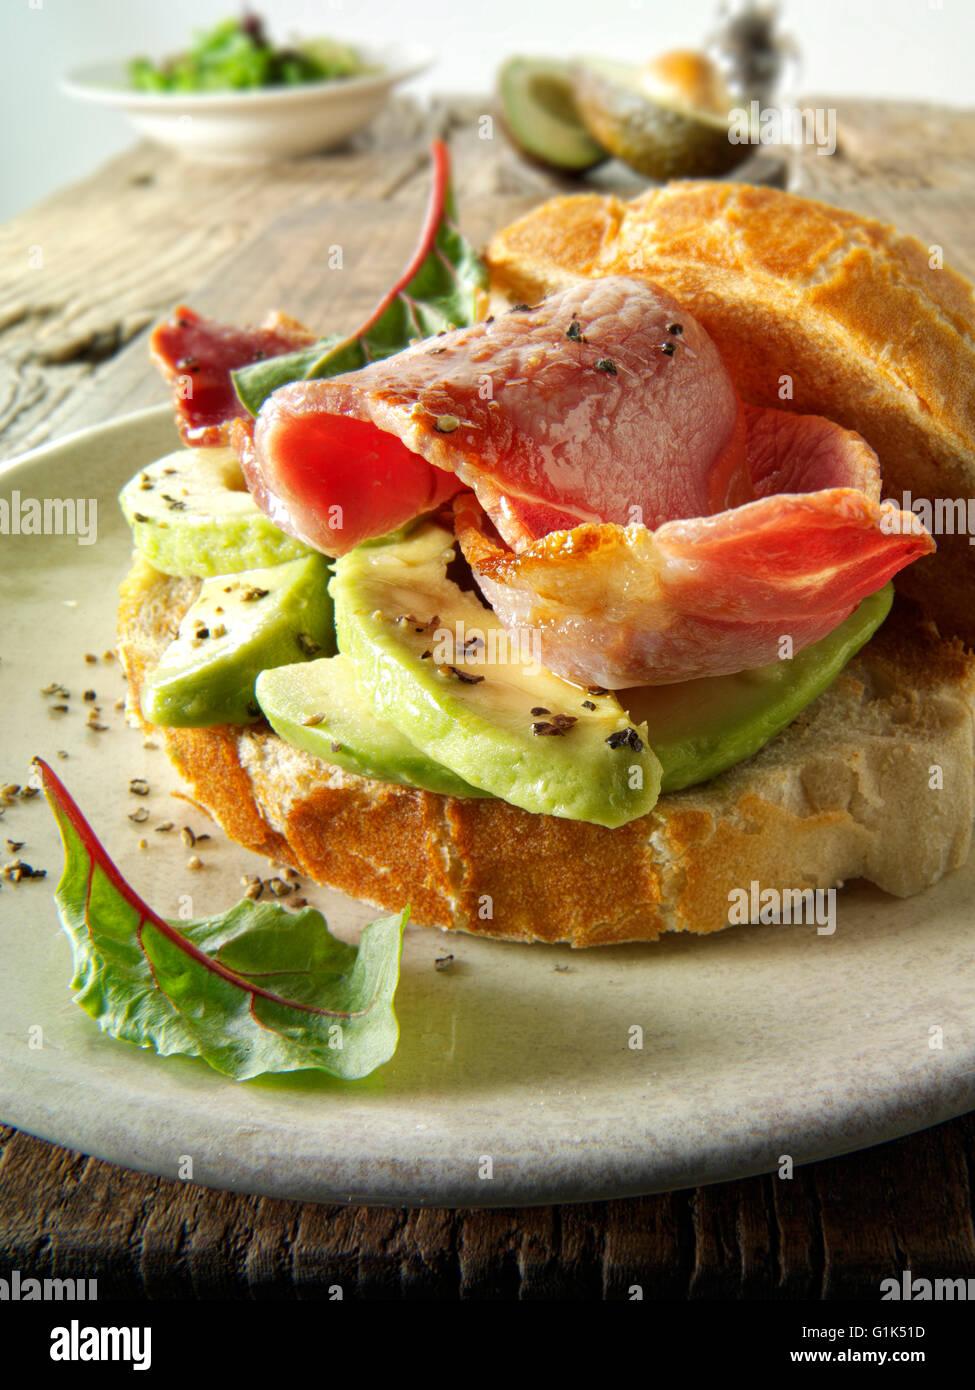 Vorbereitete Speck und Avocado Sandwich in Weißbrot auf einem Teller Stockbild